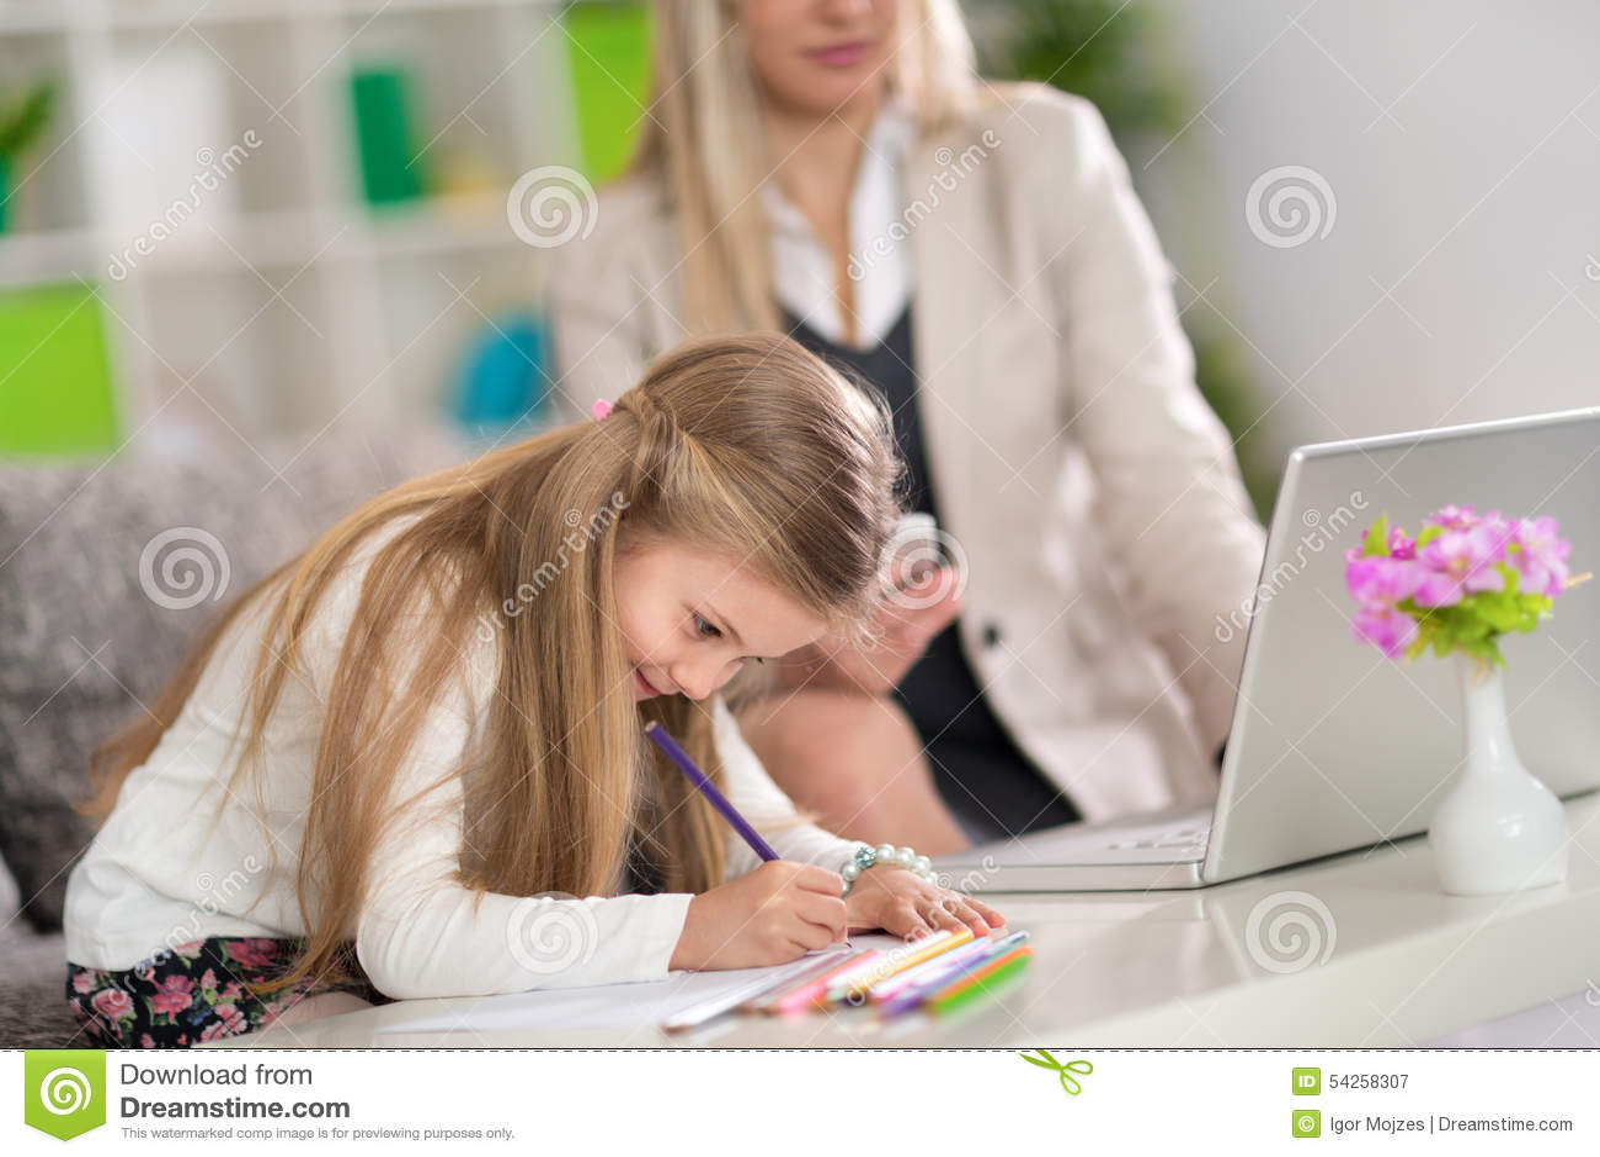 Игра девушка на работе почему не берут на работу молодых девушек